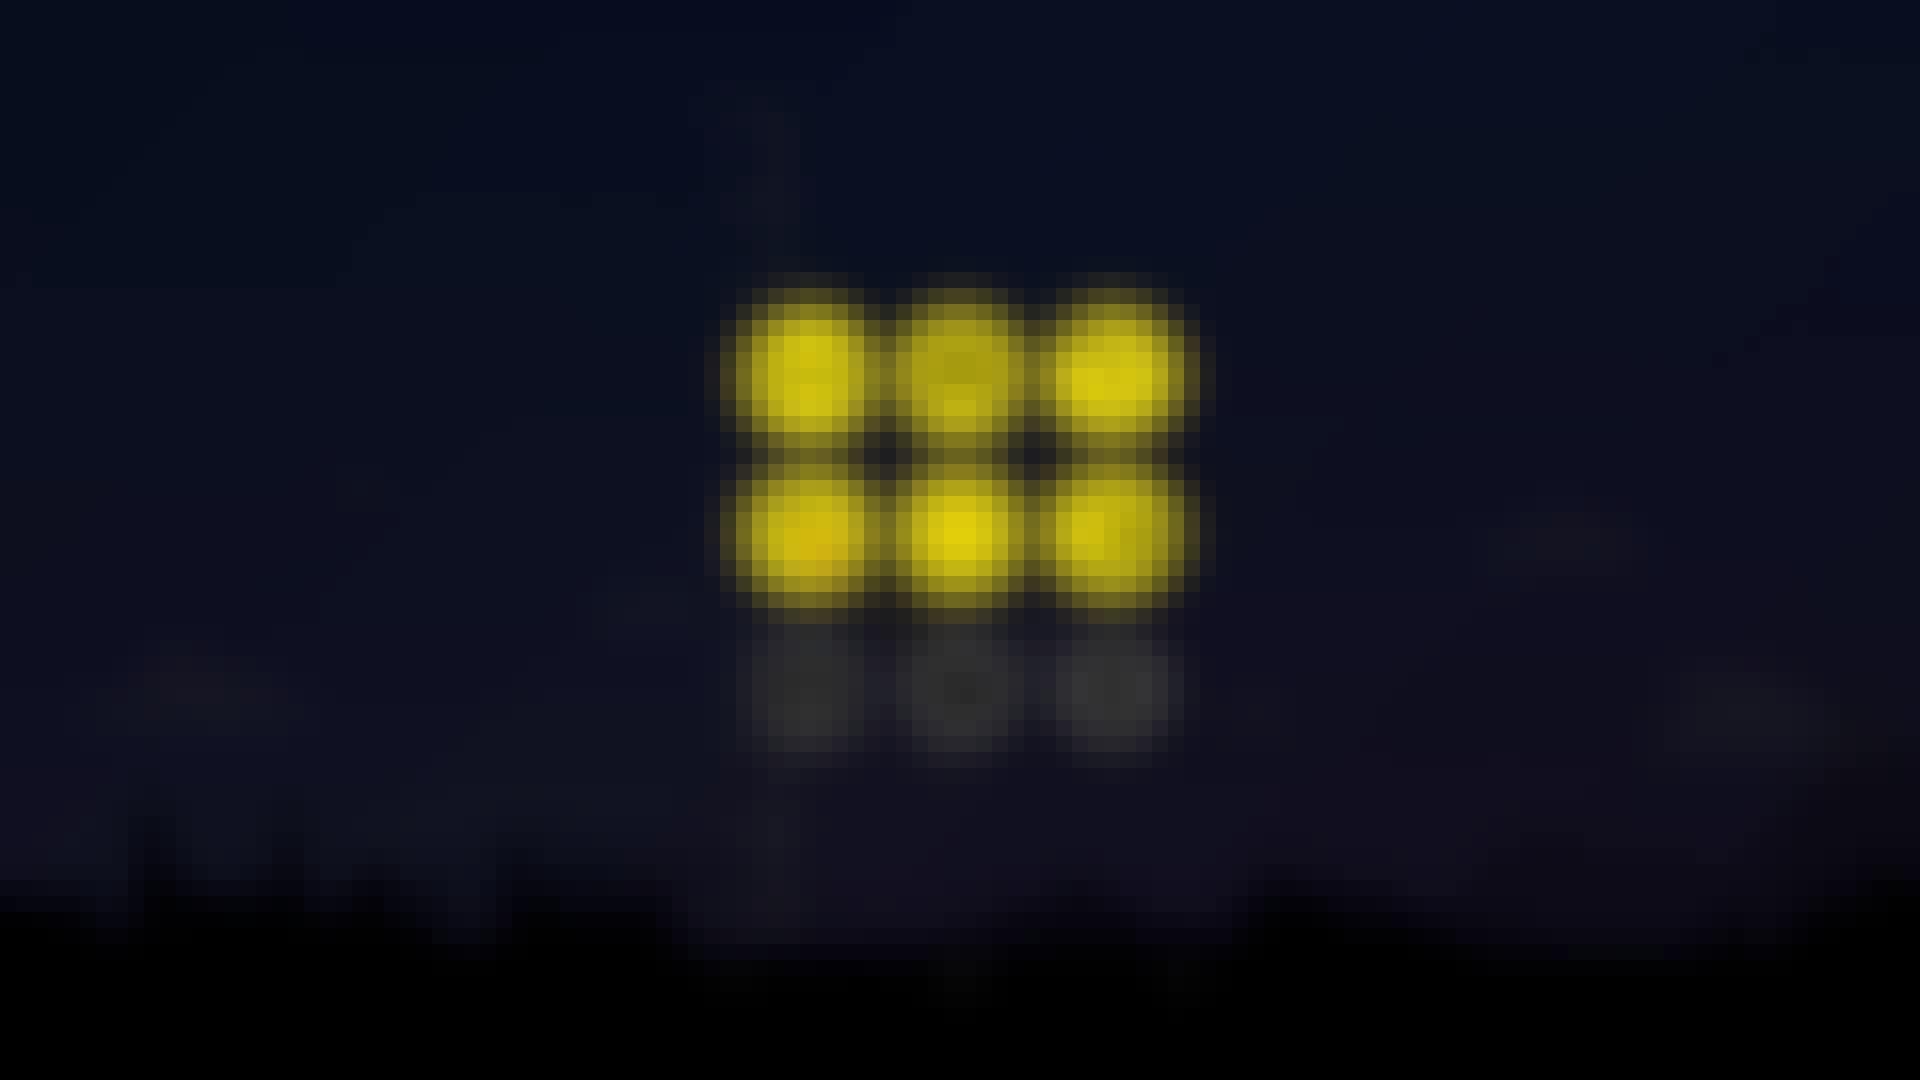 Betelgeuze – miten voit nähdä tähden